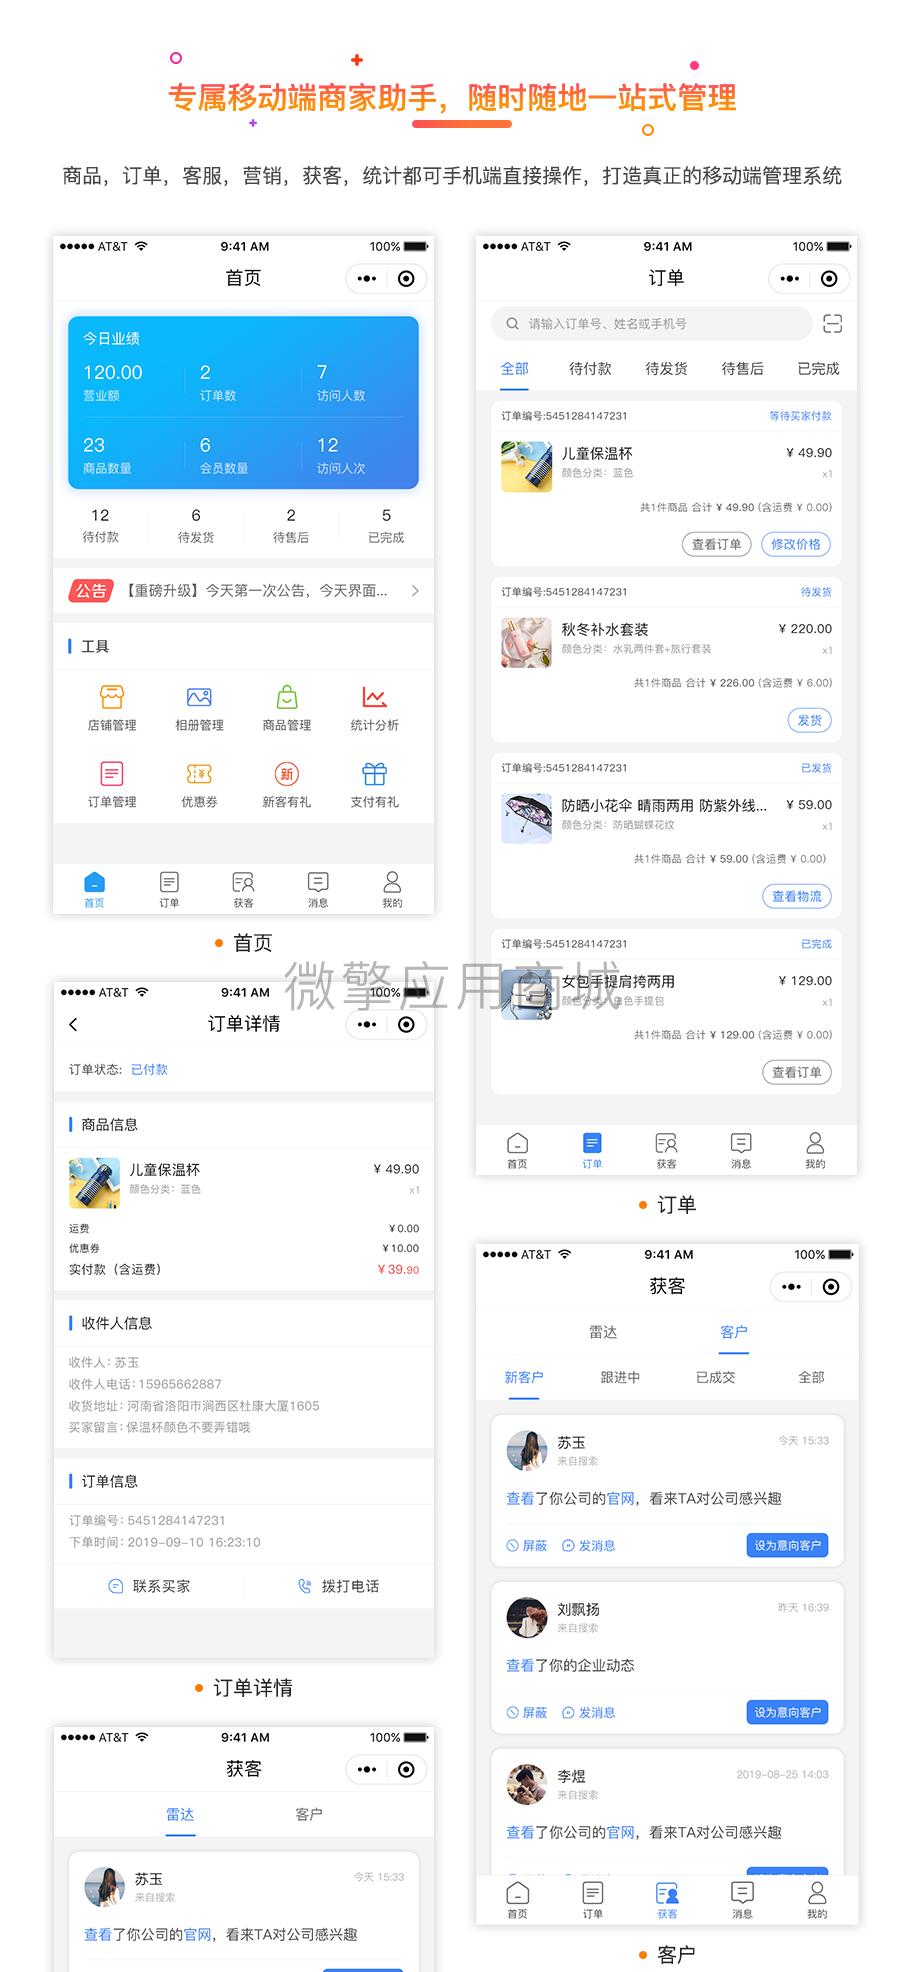 壹佰智慧商城02-2修_01.png